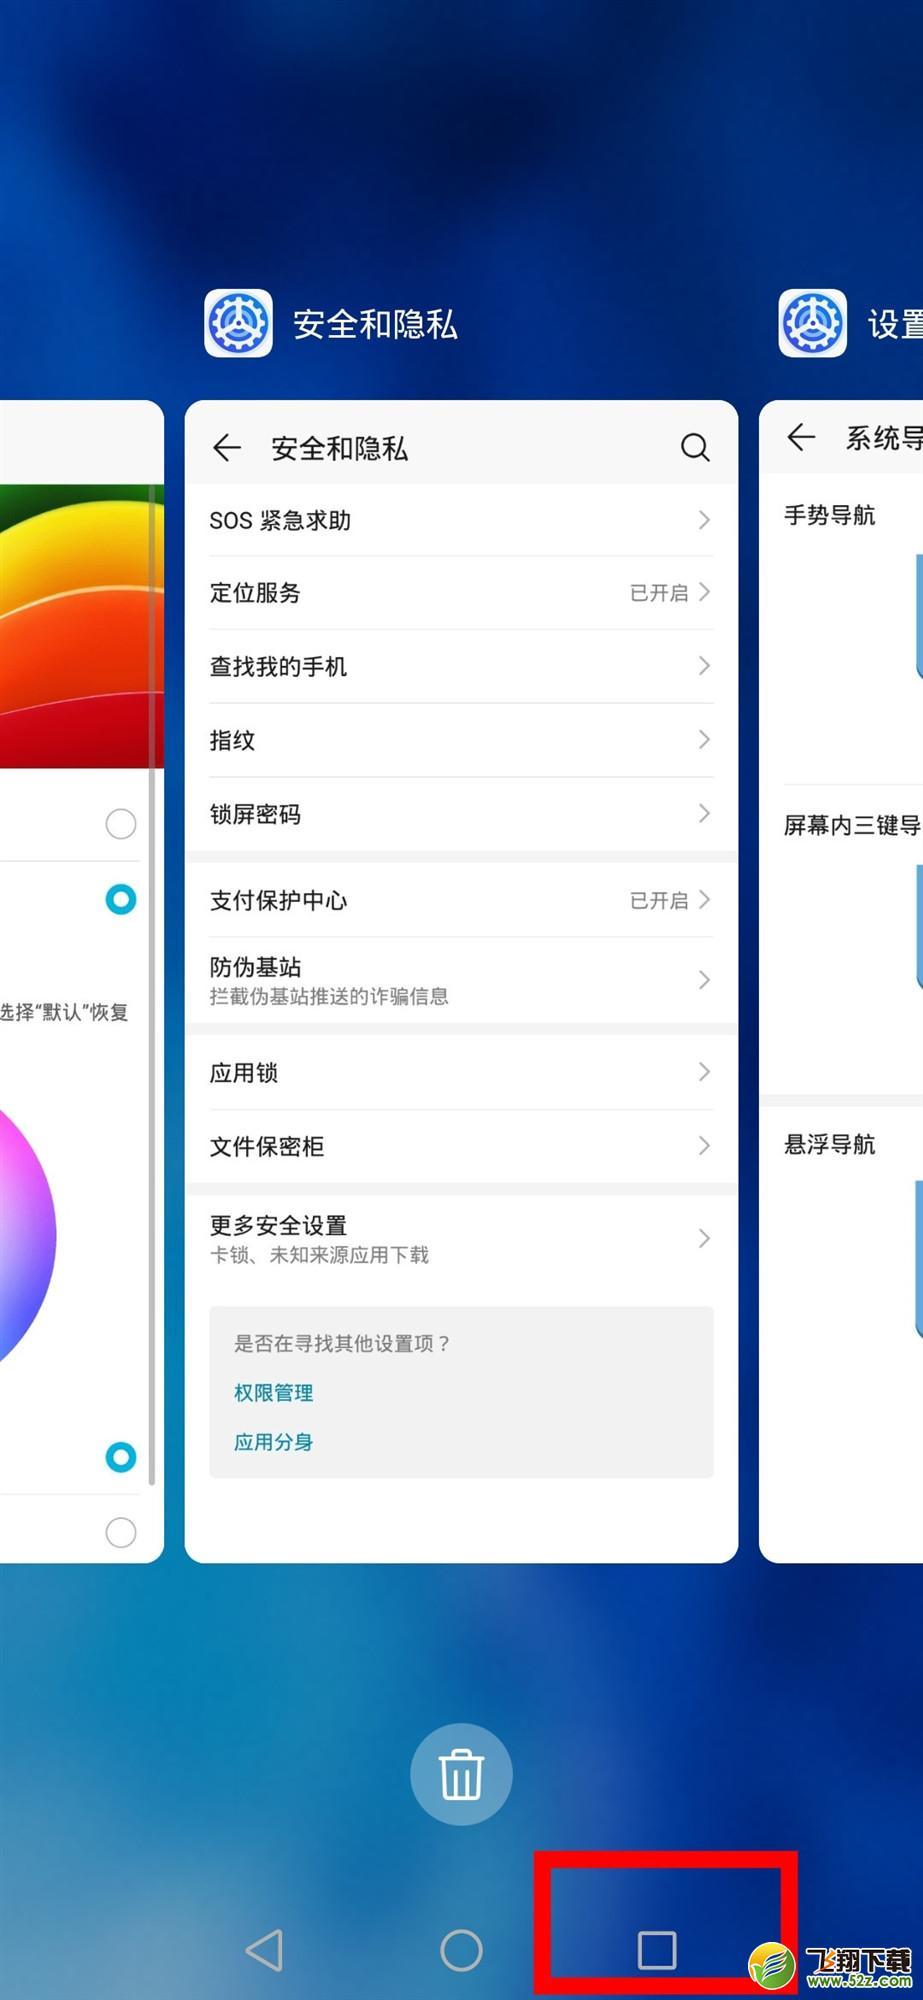 荣耀9xpro手机关闭后台运行应用方法教程